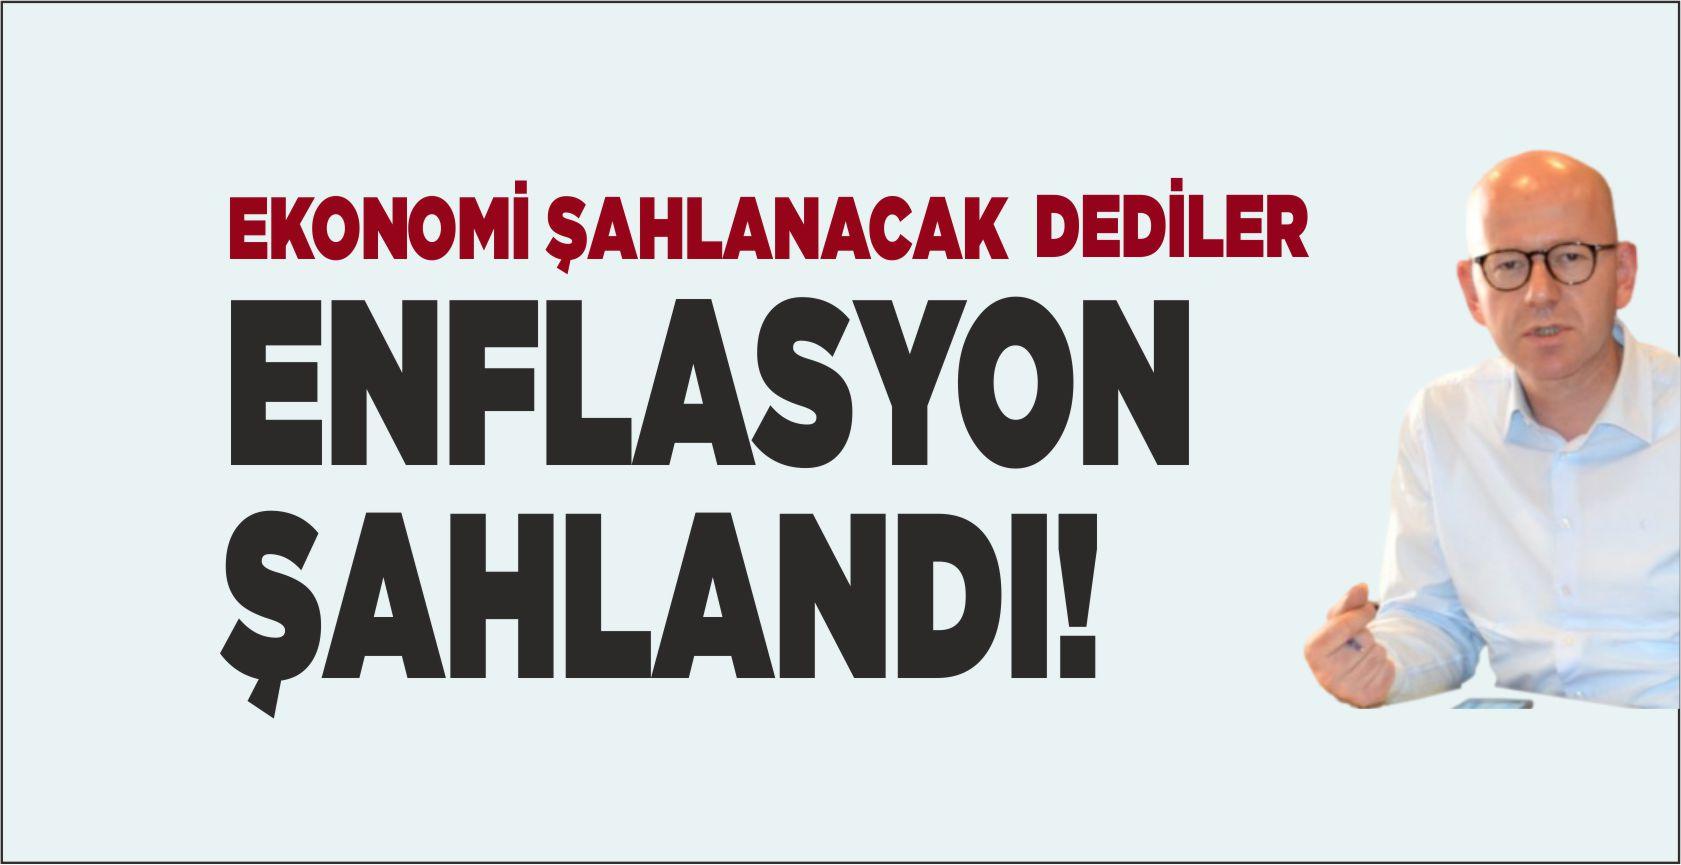 EKONOMİ ŞAHLANACAK DEDİLER ENFLASYON ŞAHLANDI!